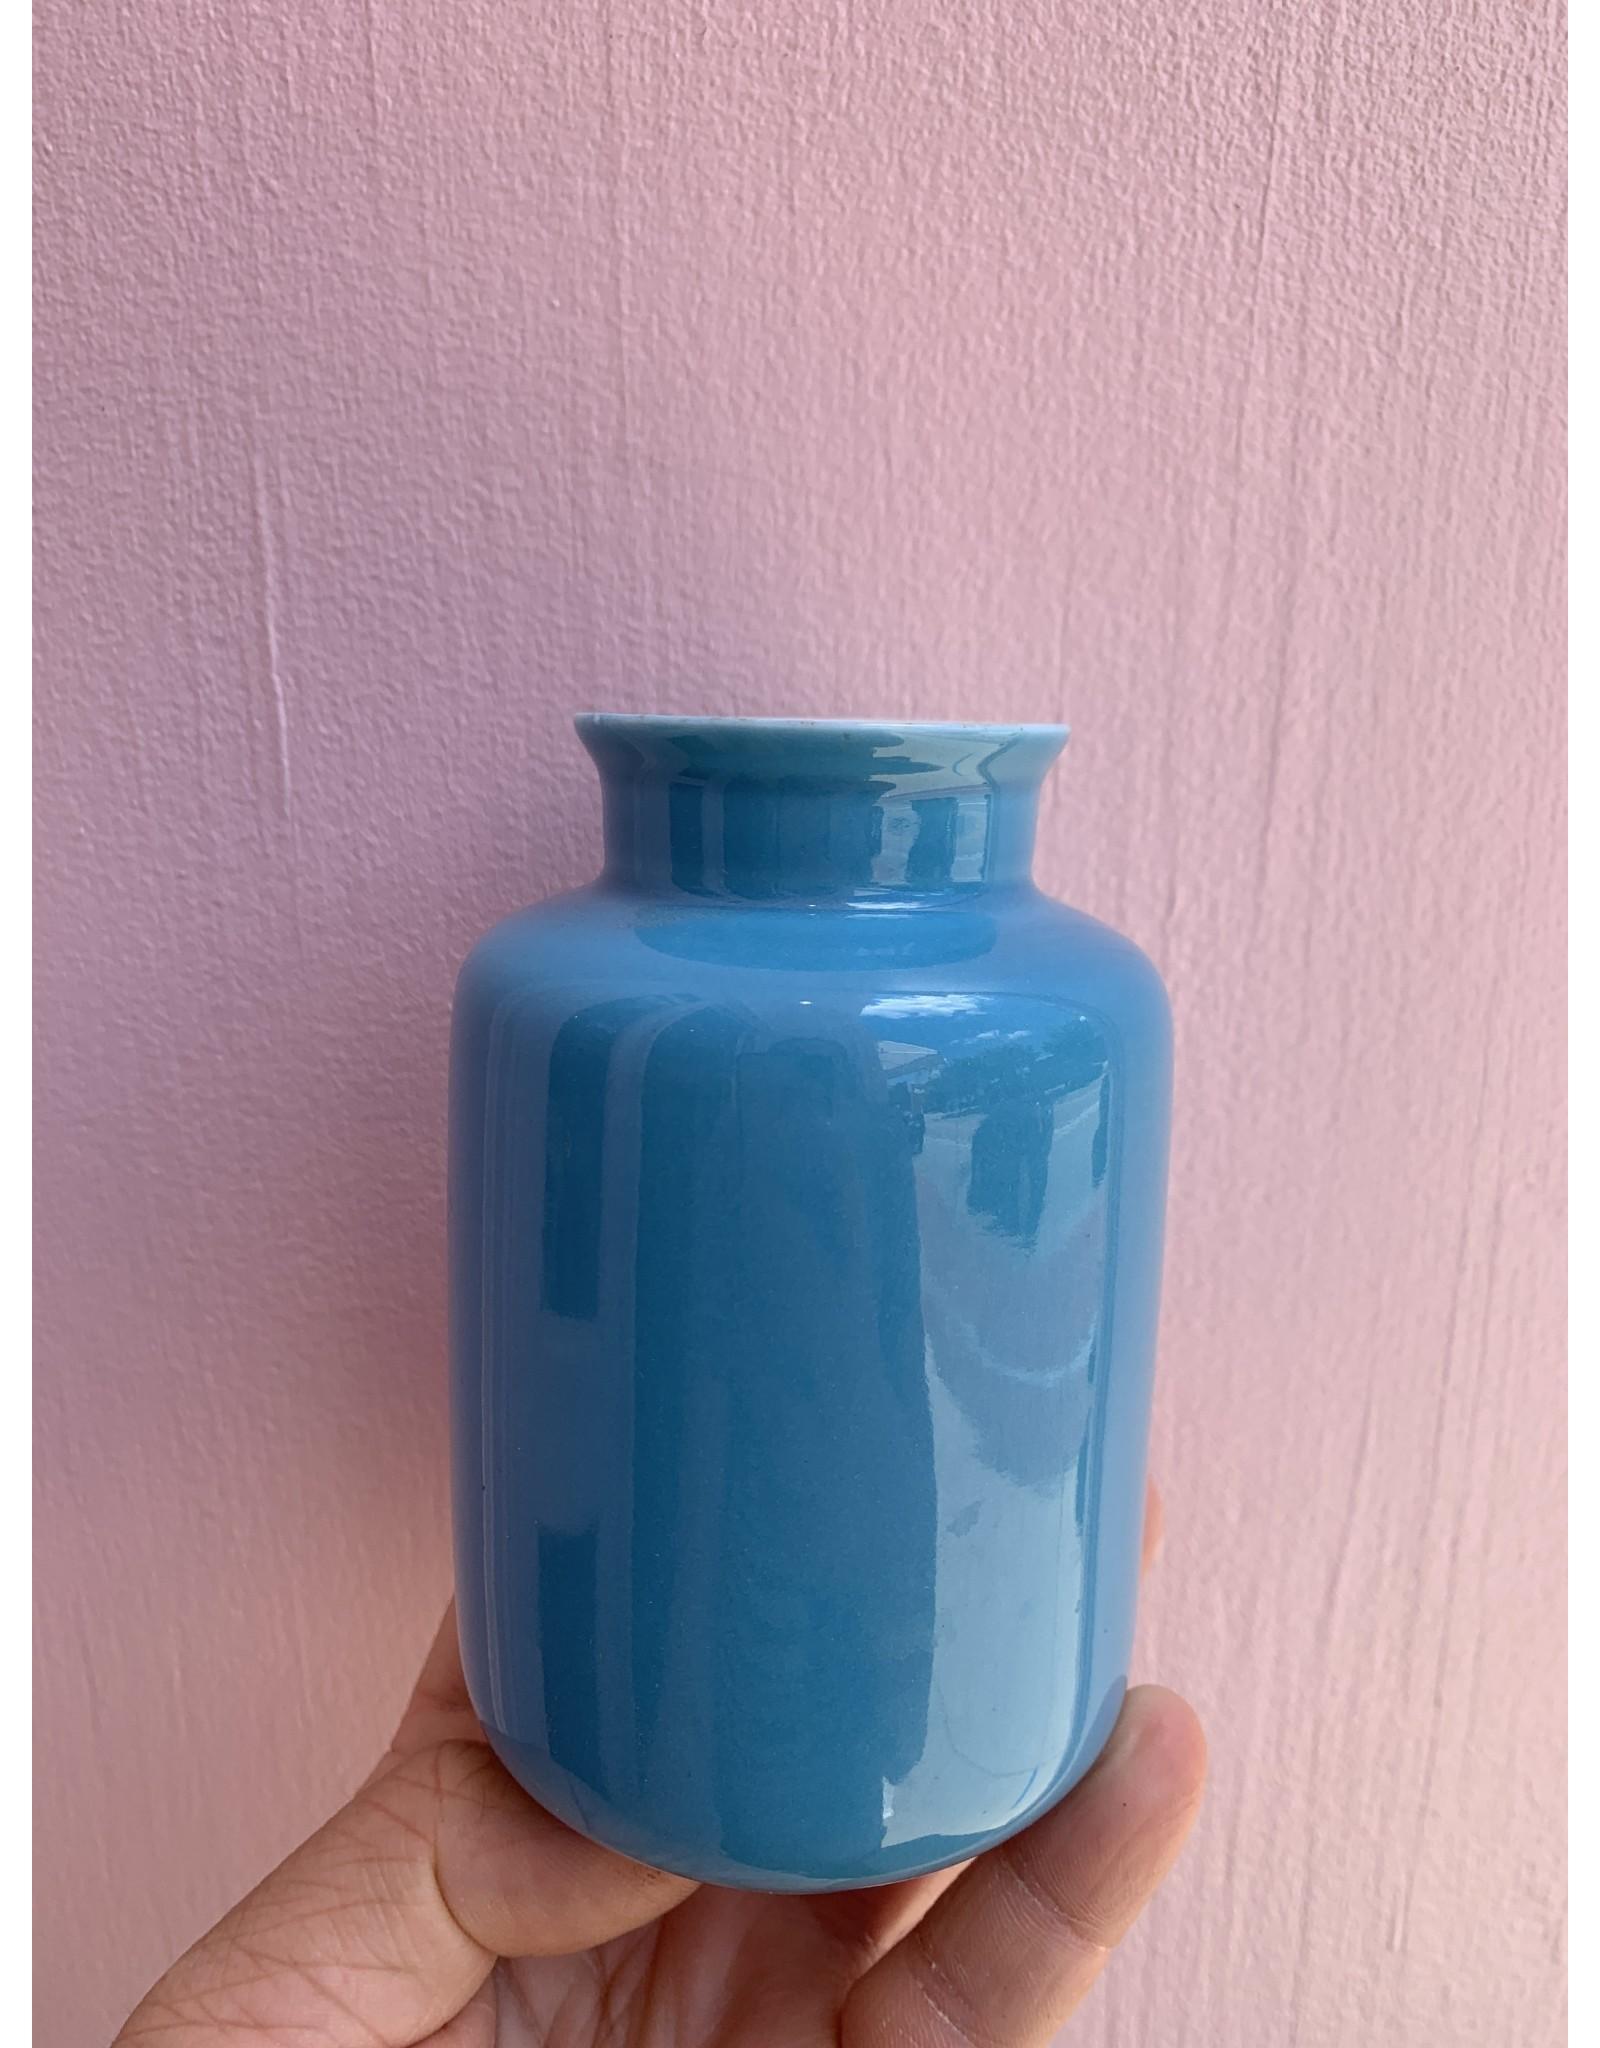 Middle Kingdom Mini Vase Milk Jar Turquoise